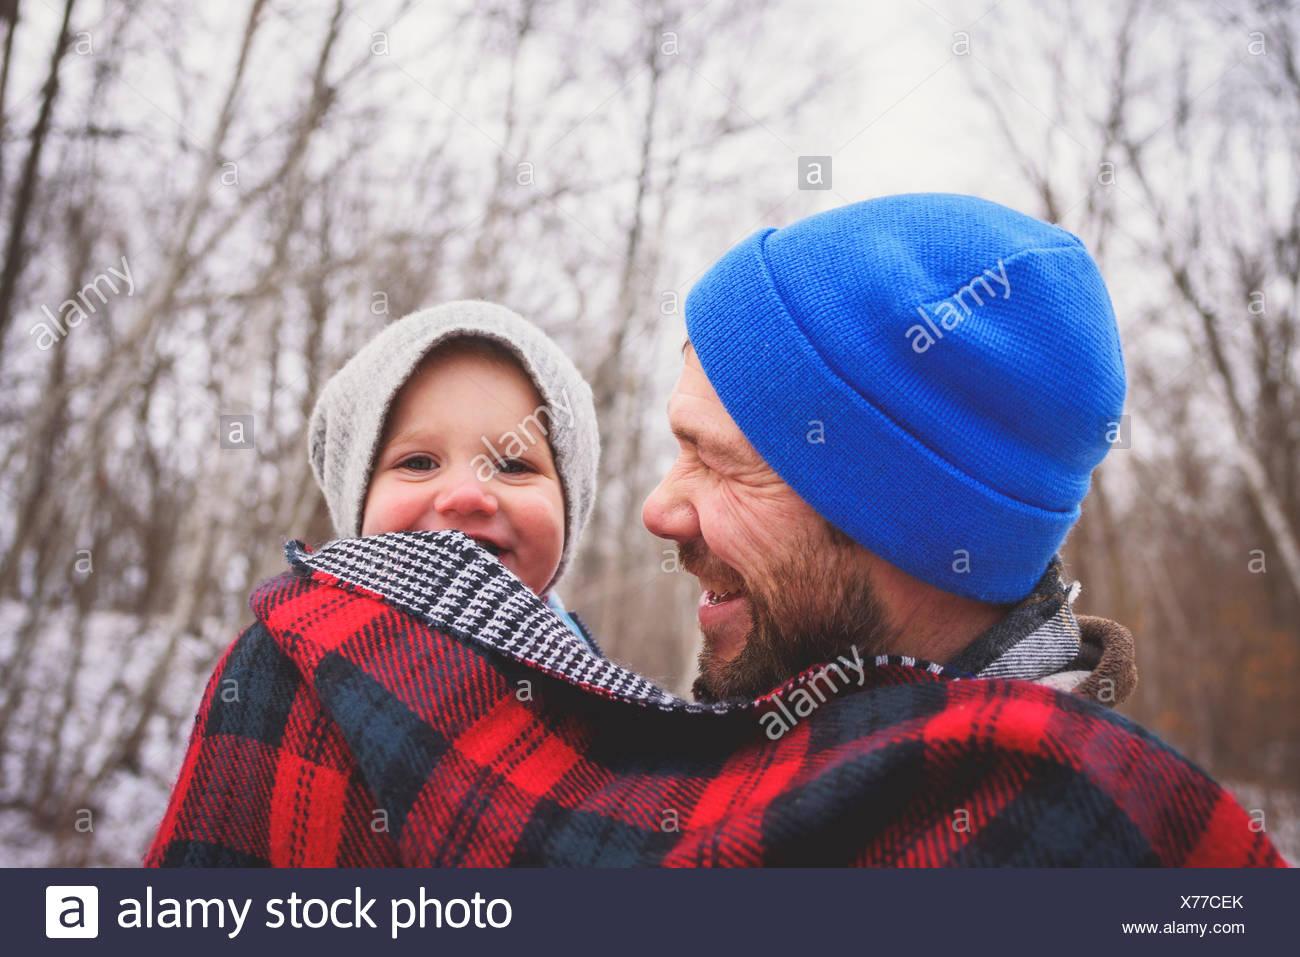 Père et fils bébé enveloppé dans une couverture Photo Stock